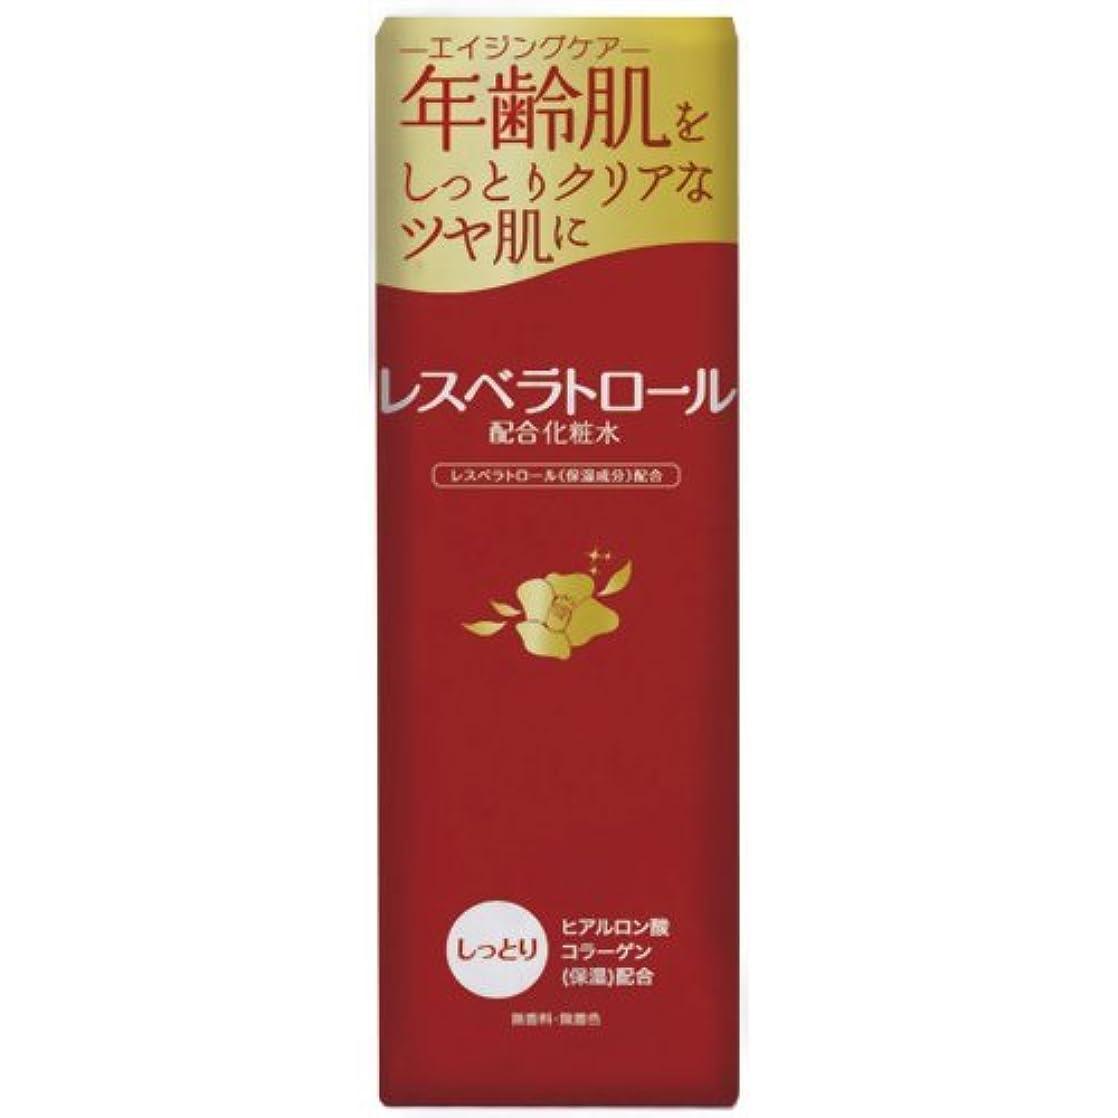 アセンブリ成長するオフェンスレスベラトロール化粧水 150ml